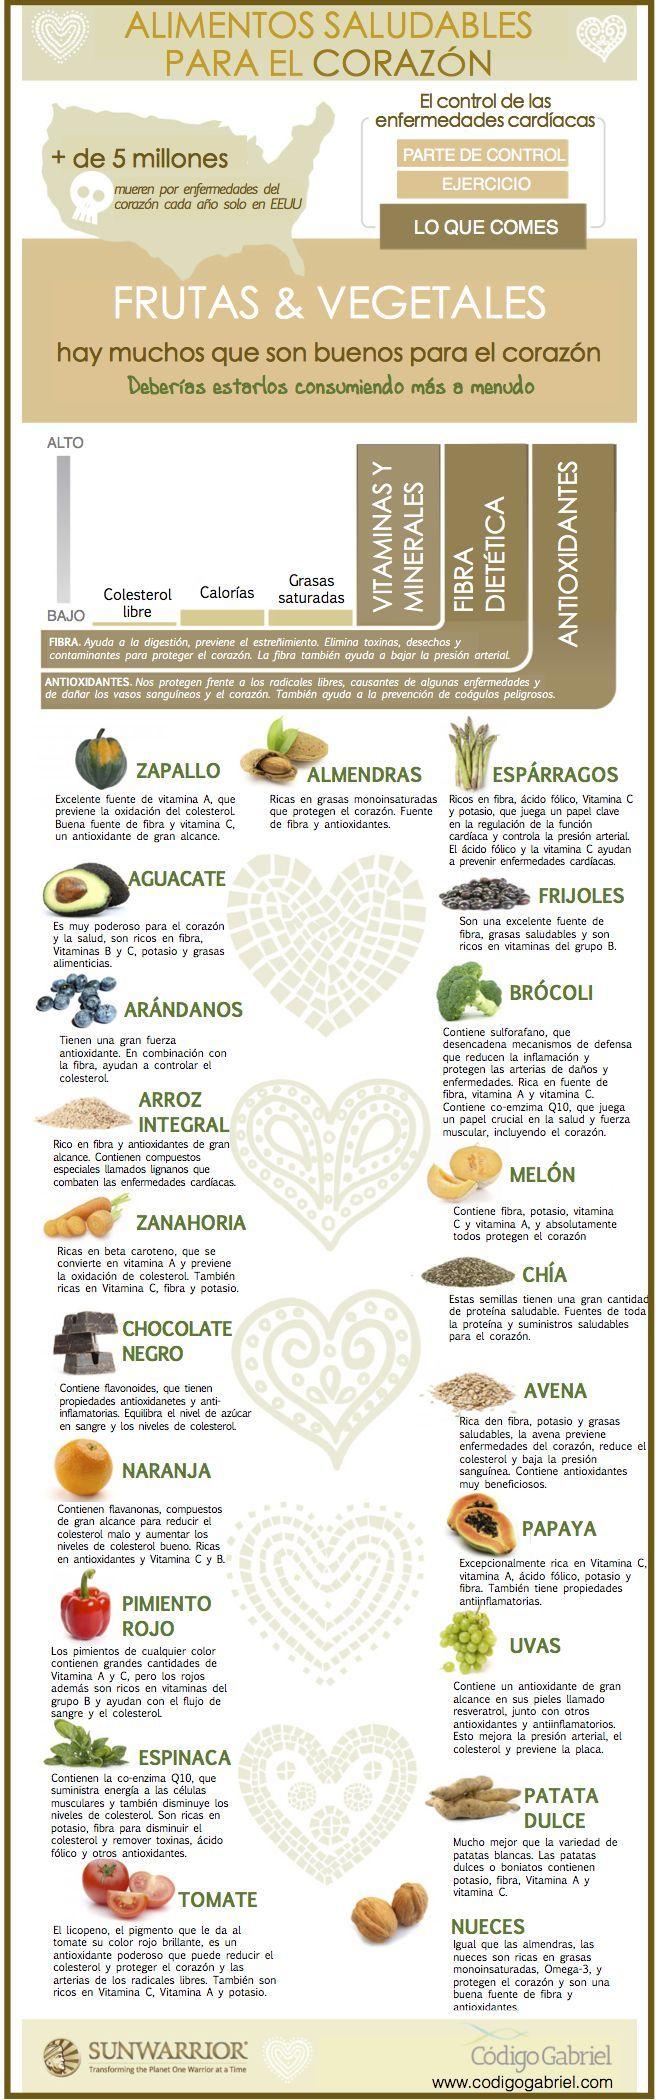 Alimentos saludables para el corazón | Salud, Natural and Food